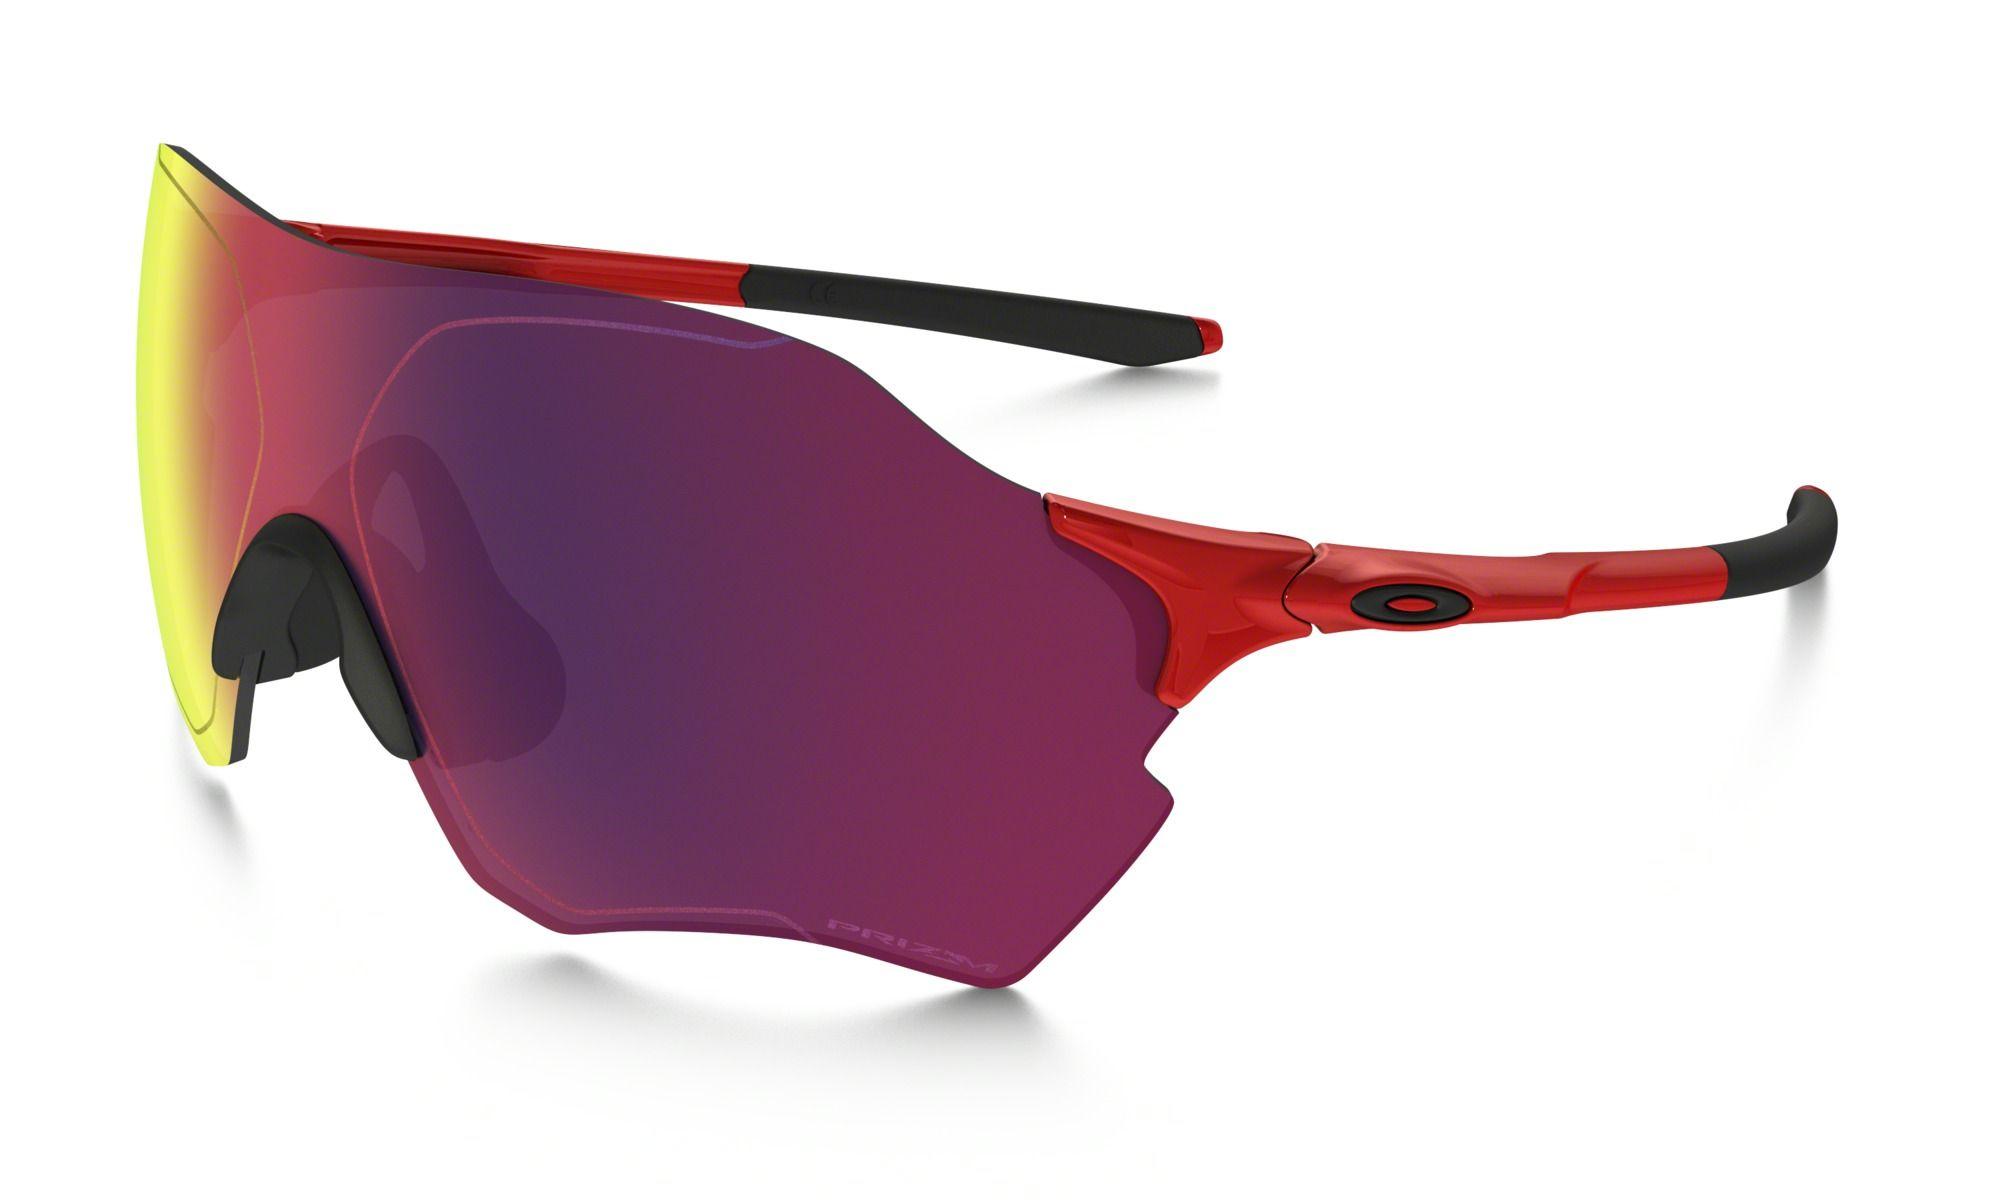 Oakley Evzero Range Sunglasses Infrared/Prizm Road